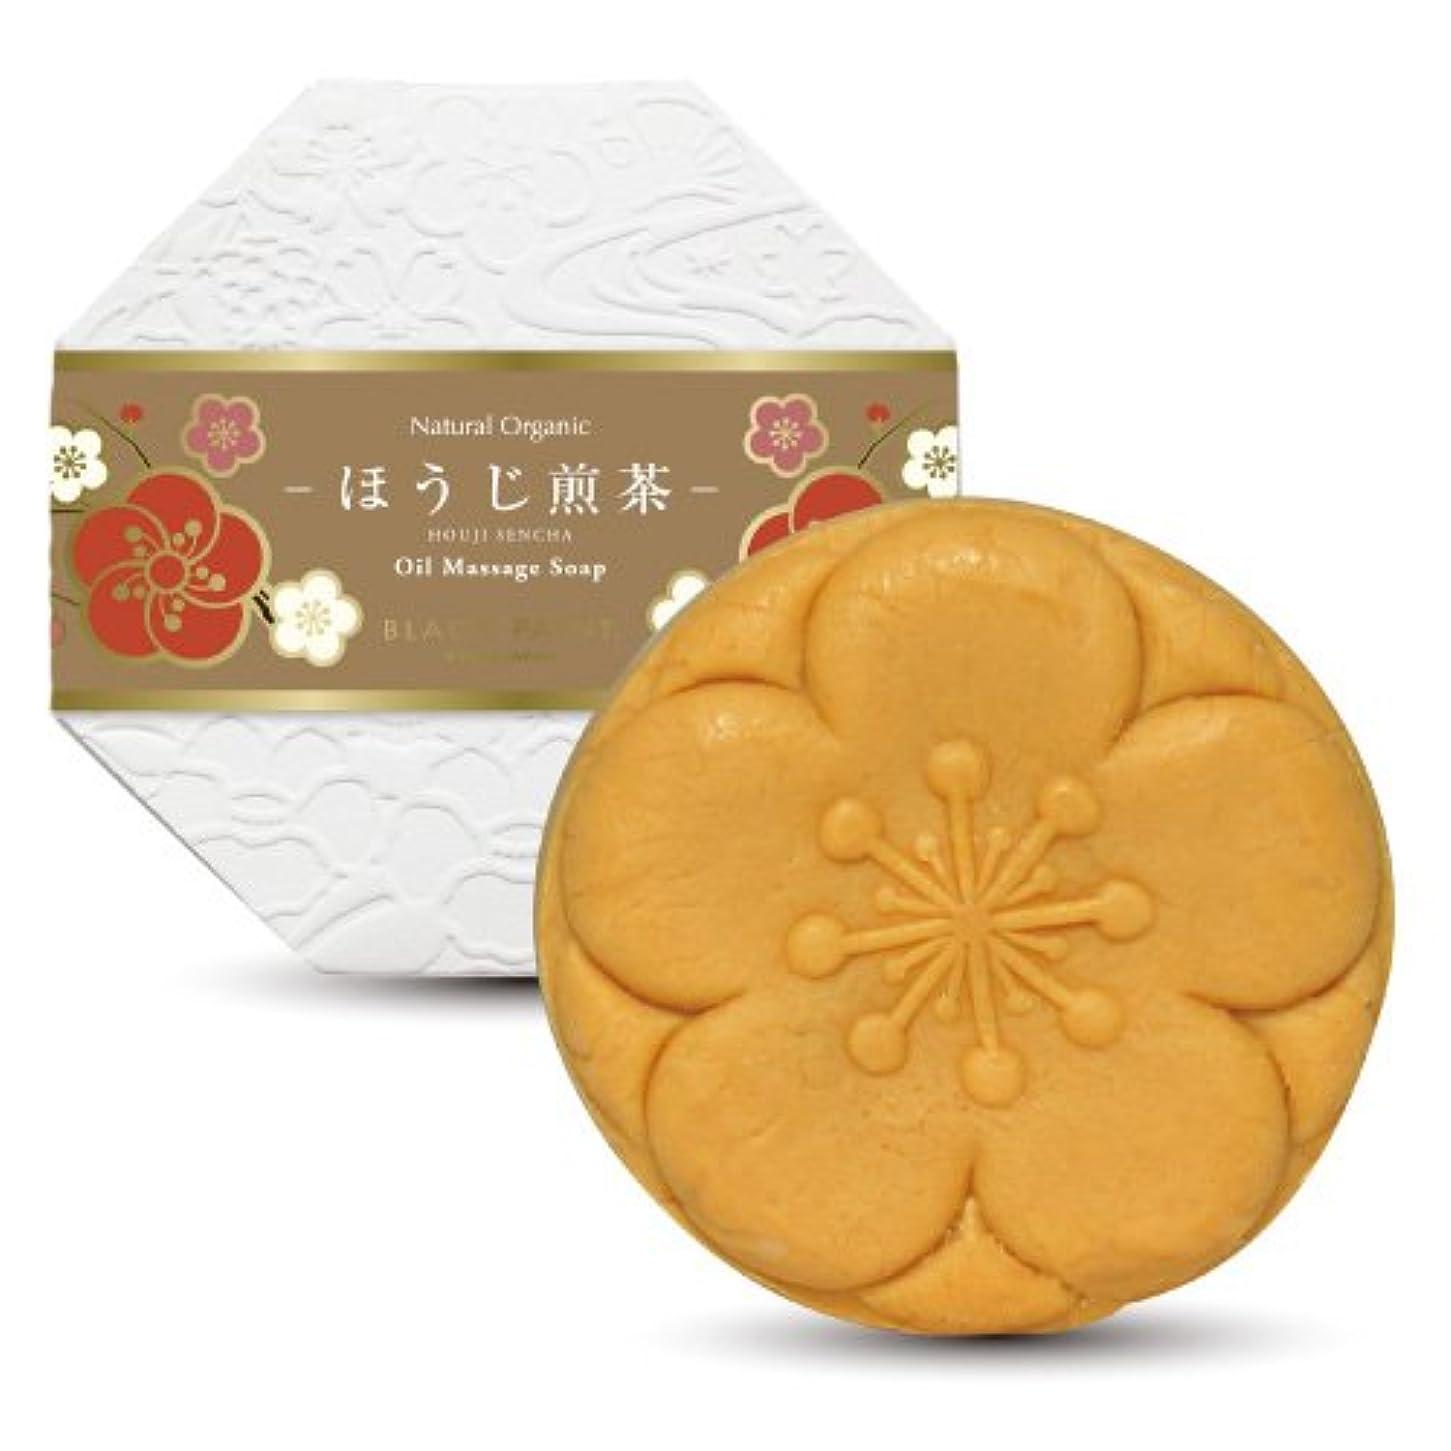 シャー韻講堂京のお茶石鹸 ほうじ煎茶 120g 塗る石鹸